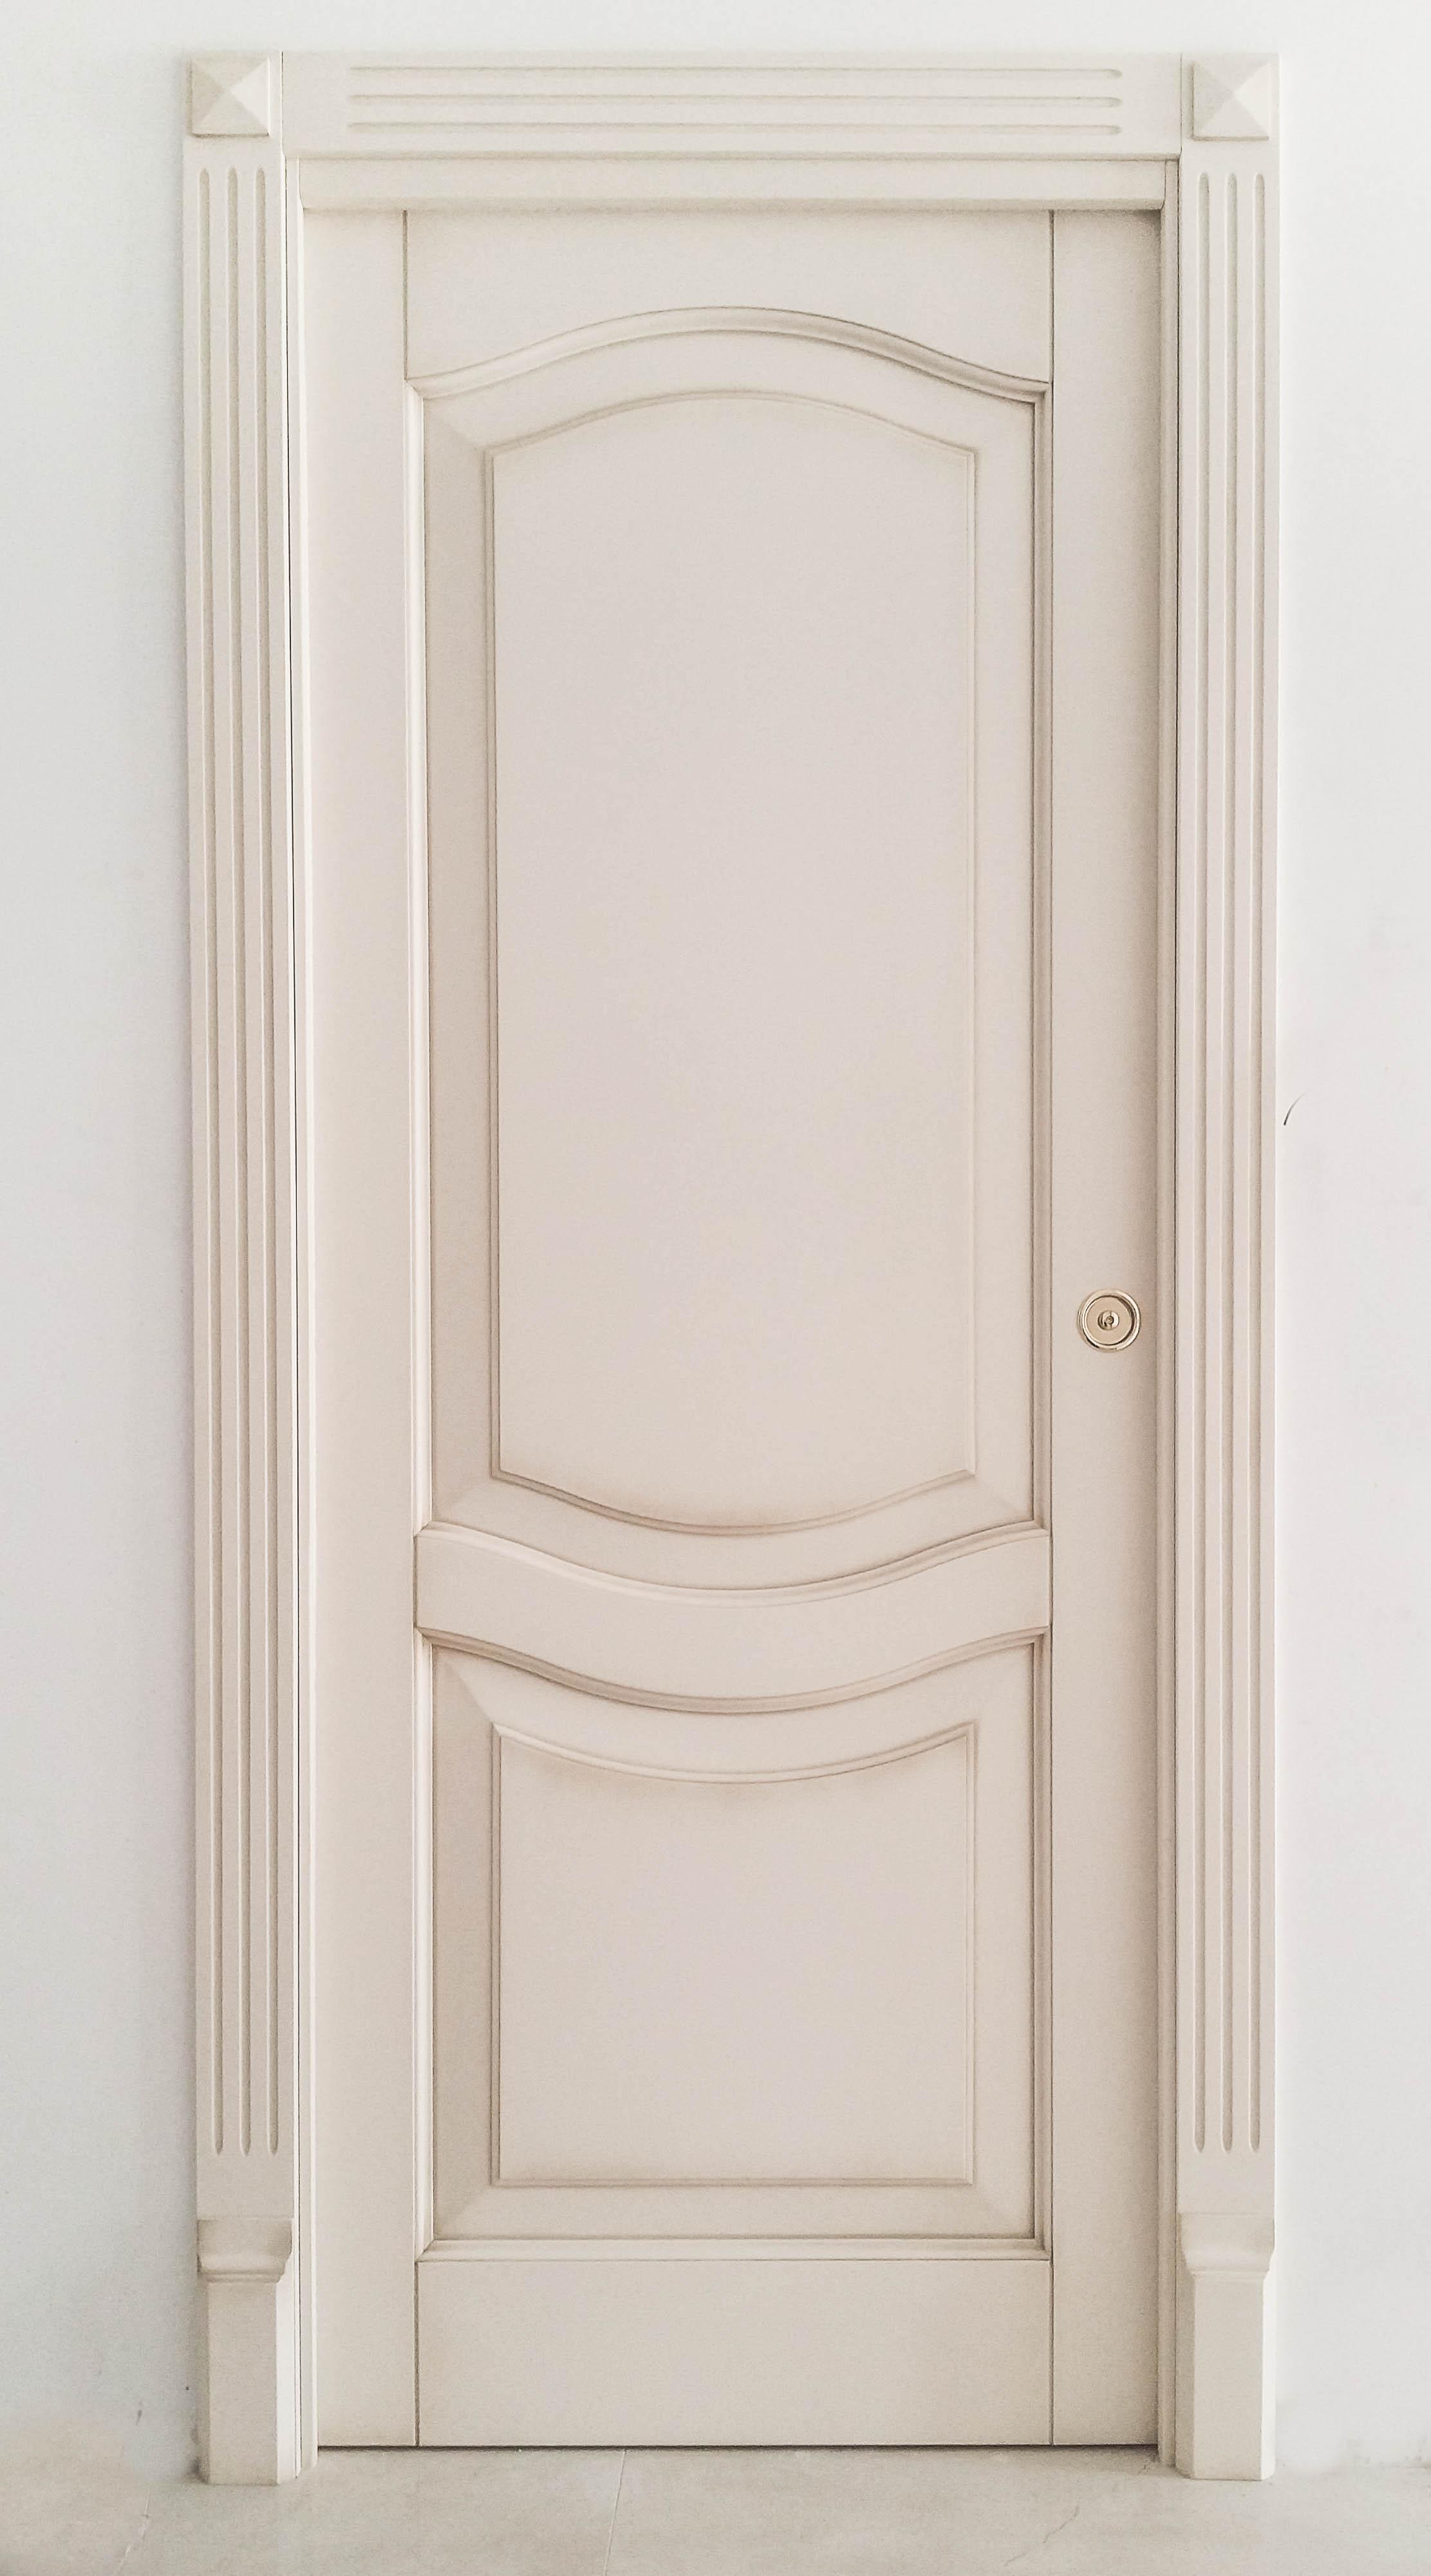 Decori per porte interne in legno idea creativa della - Decori in legno per mobili ...